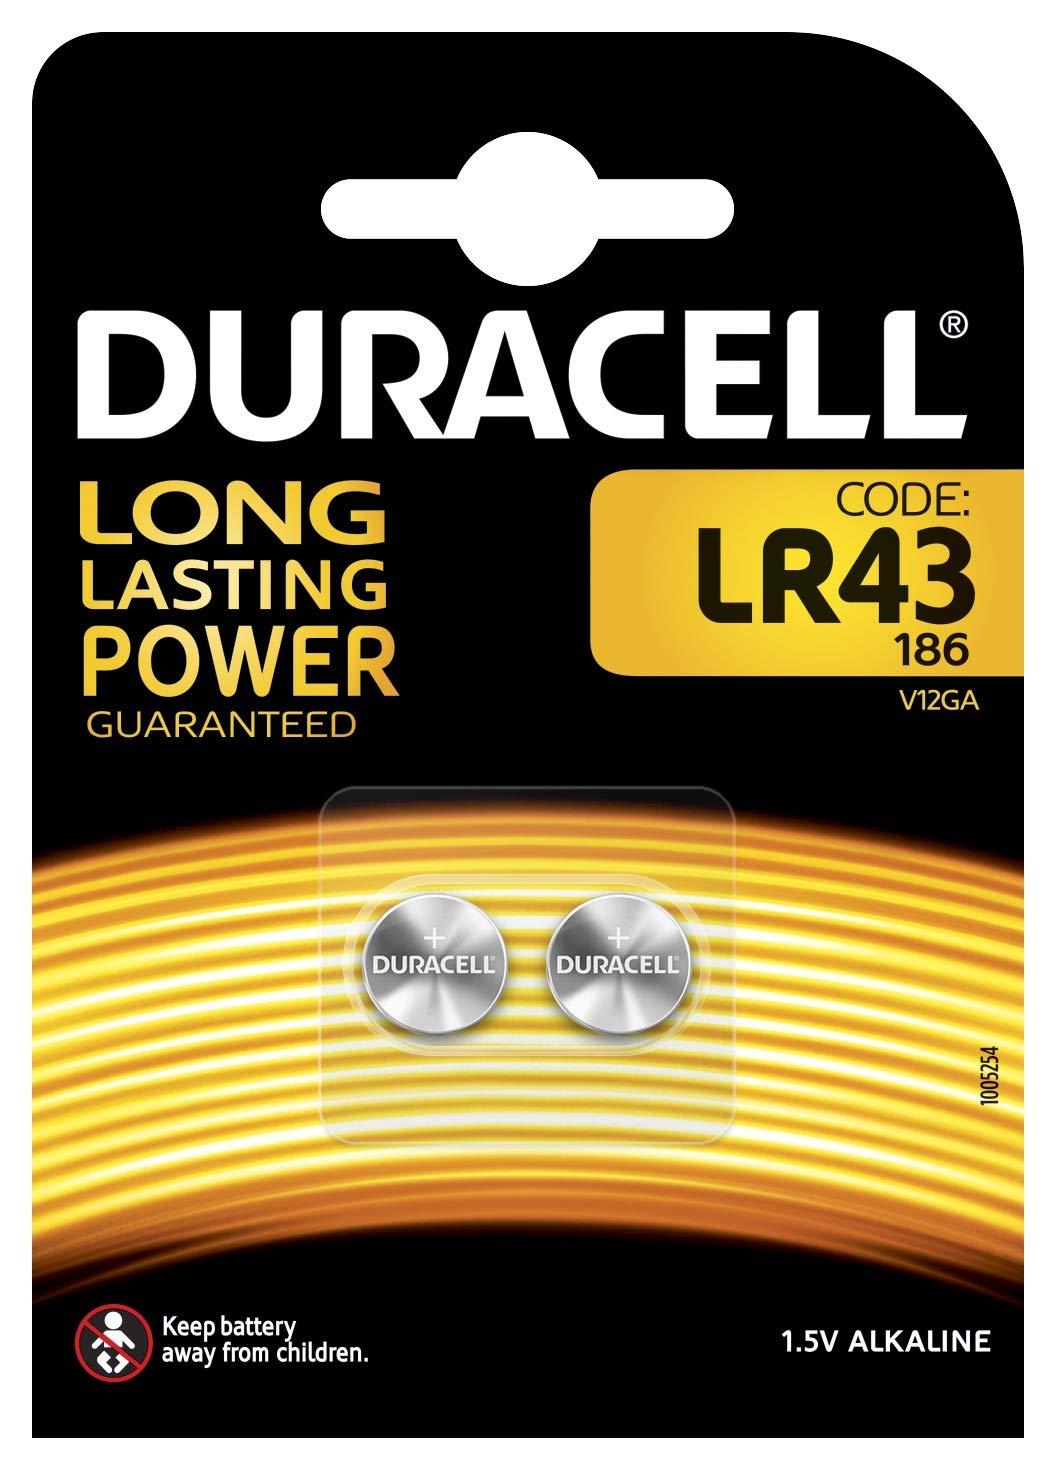 Duracell LR43 186 V12GA 1.5V Batteries (Pack of 2 Batteries)